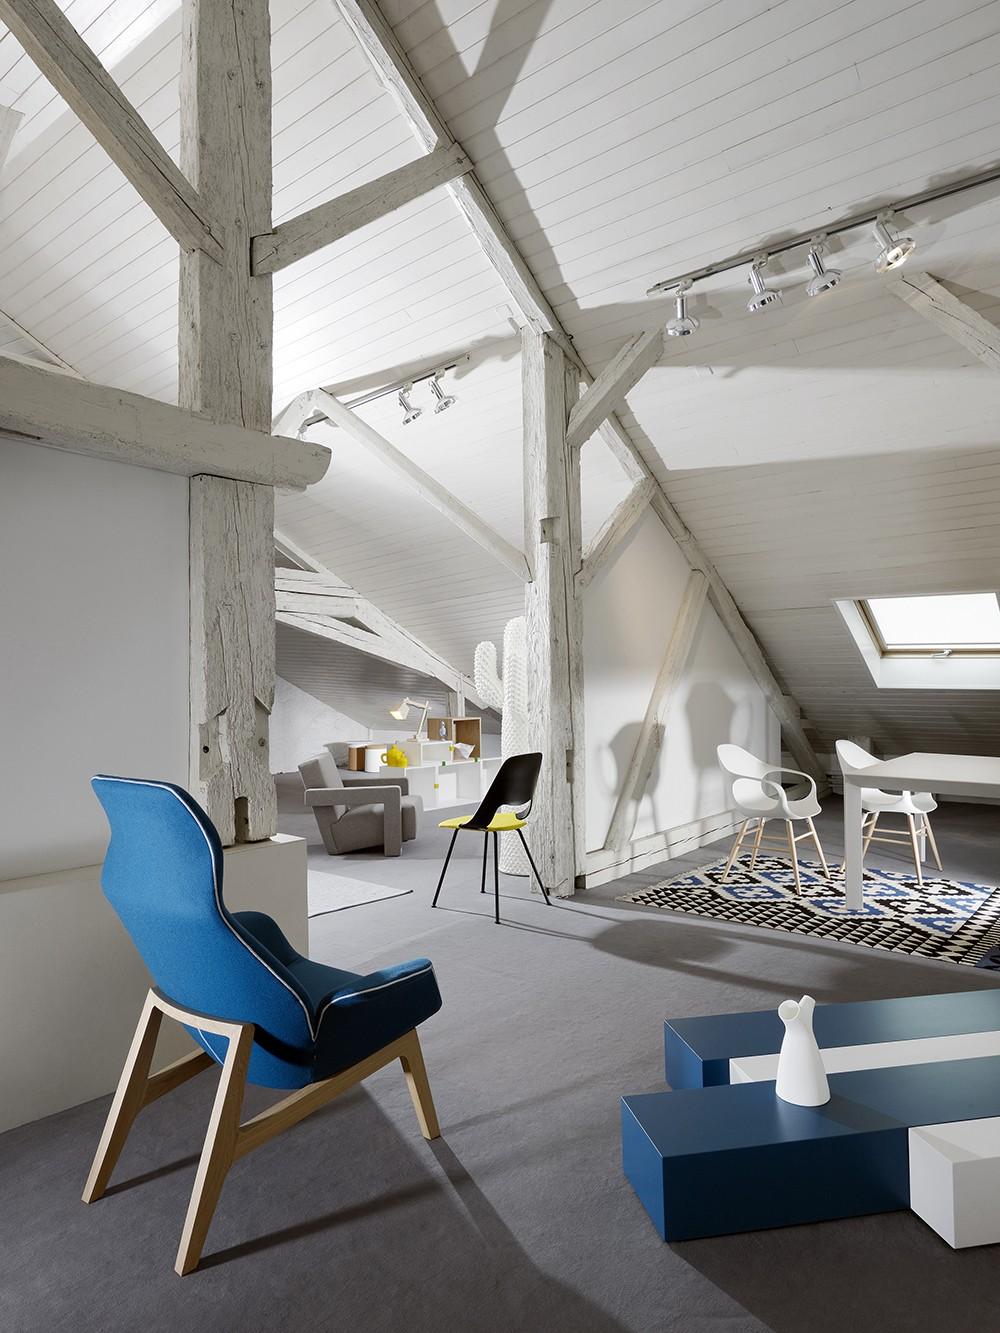 magasin moyard meuble design et style l 39 exception pour habitude morges. Black Bedroom Furniture Sets. Home Design Ideas